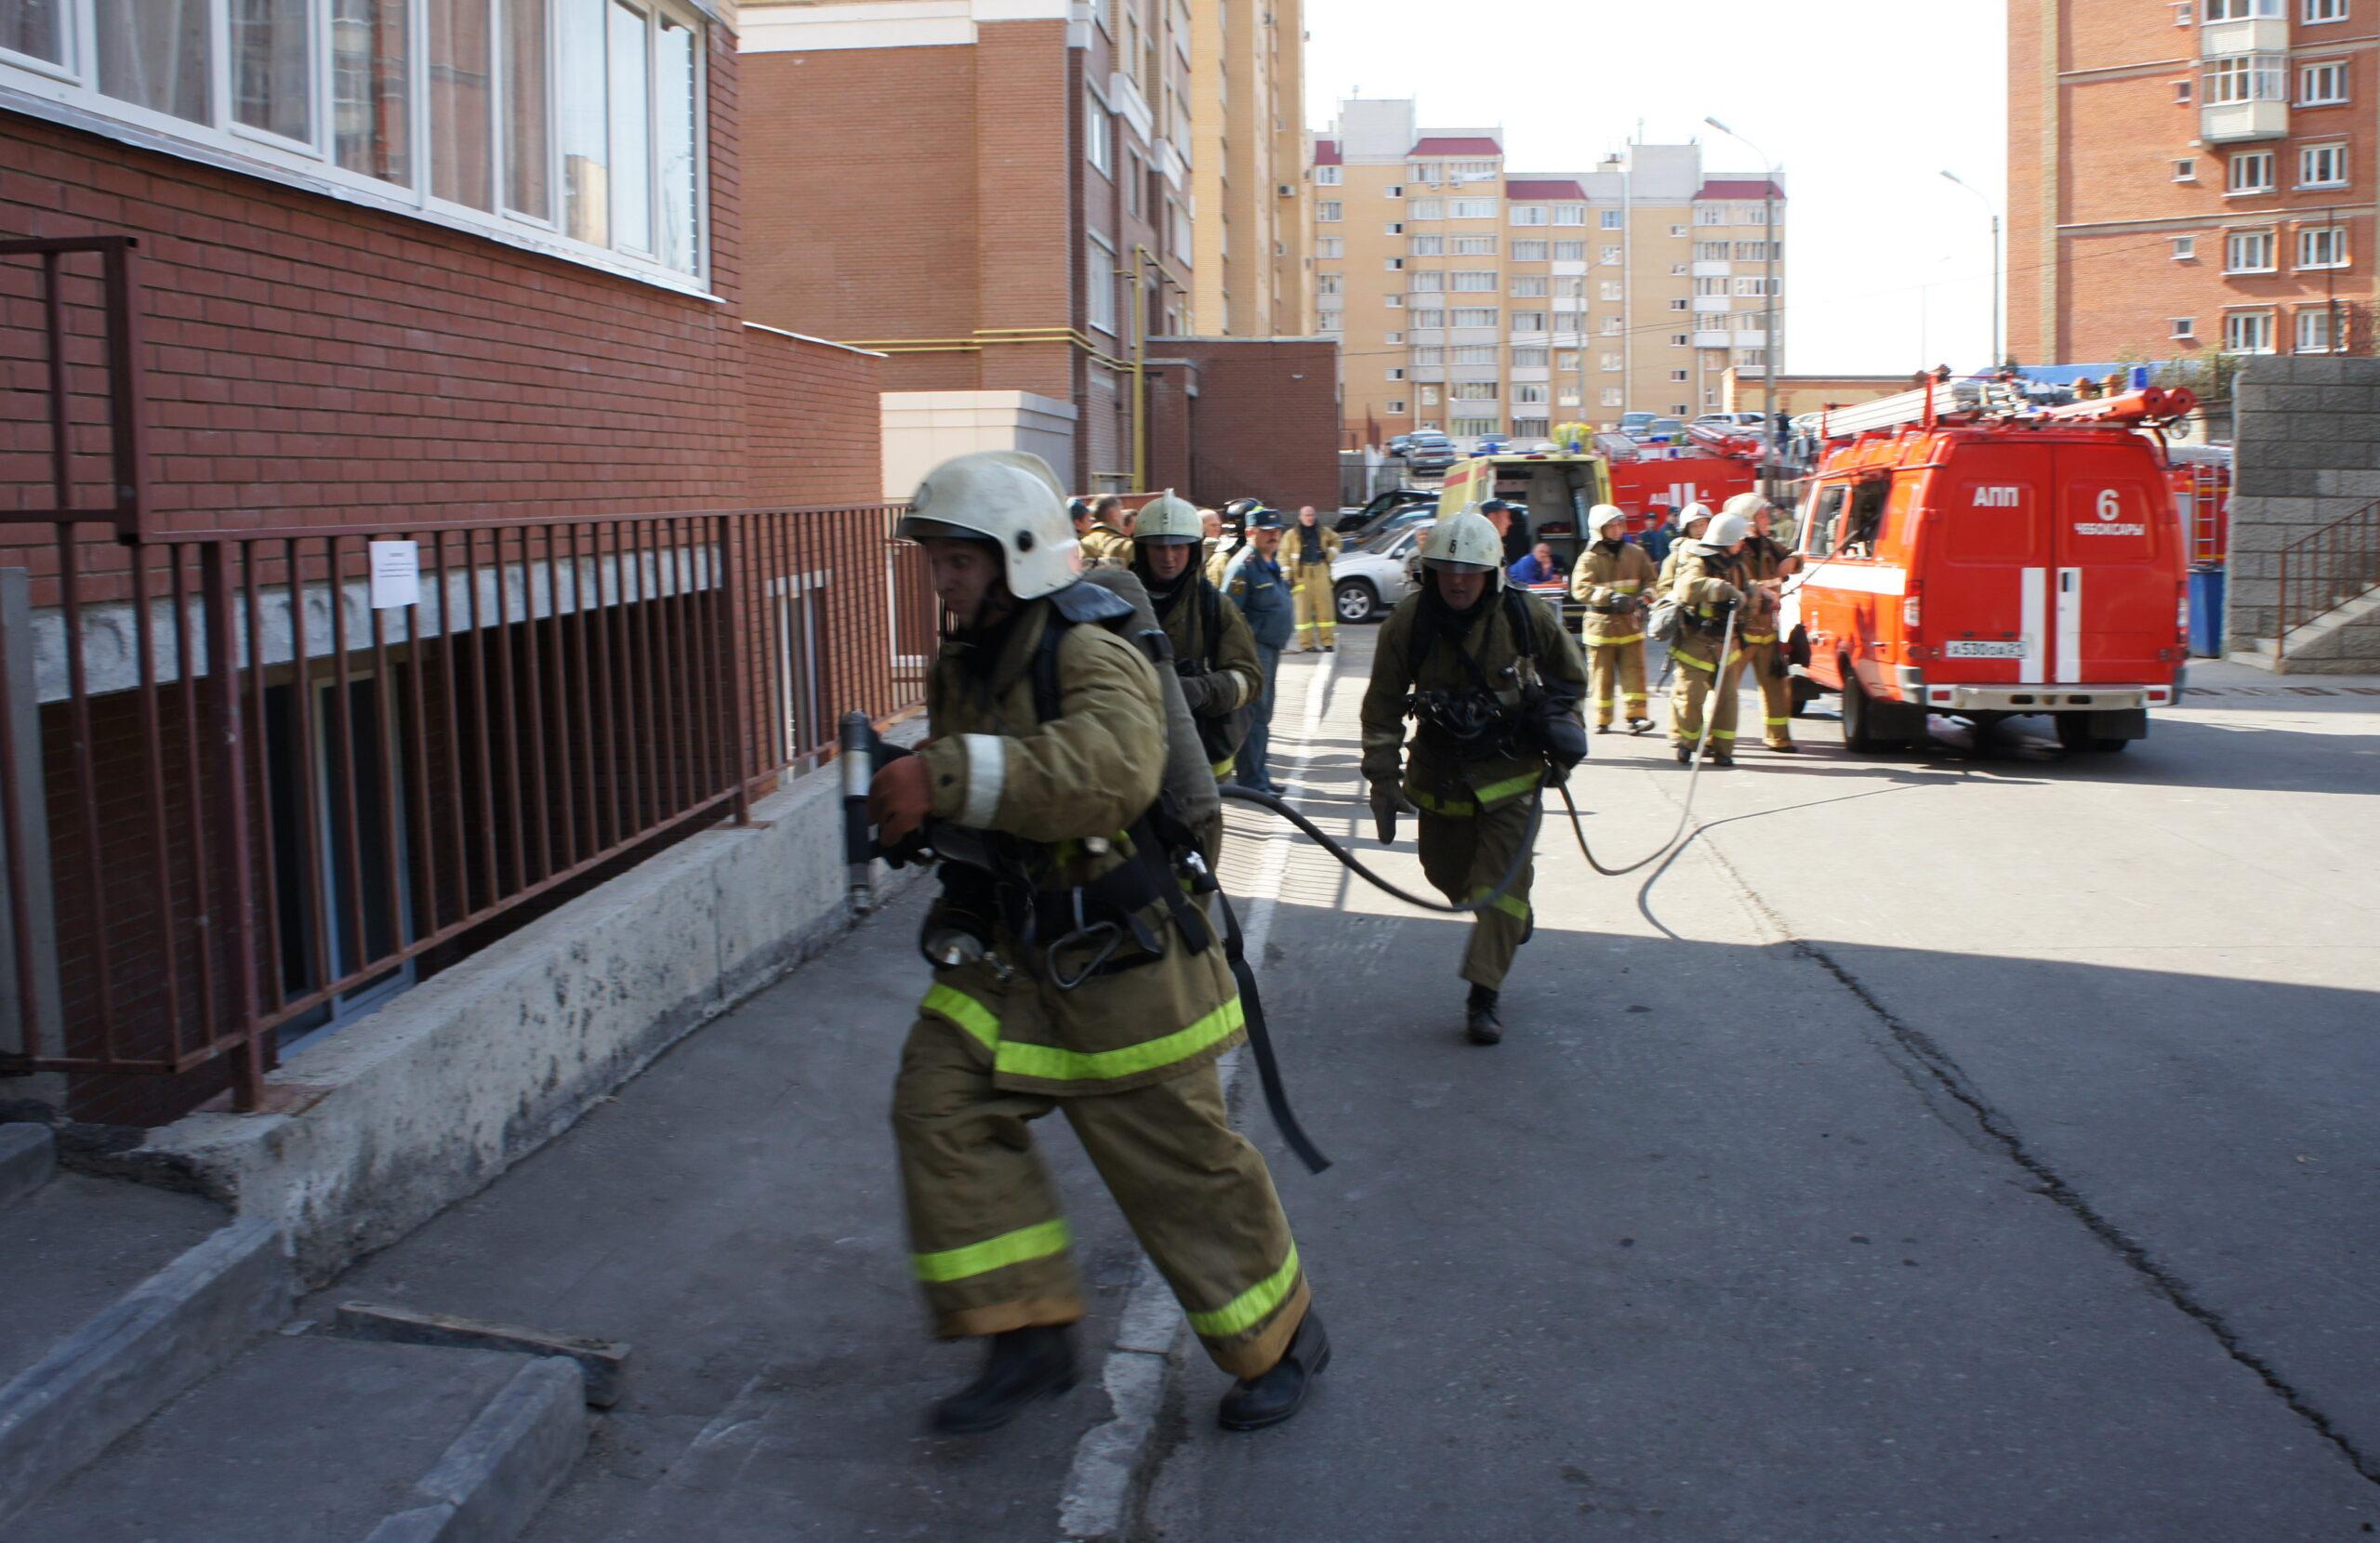 На основании планов тушения может проводиться отработка практических навыков спасателей и собственной пожарной службы.